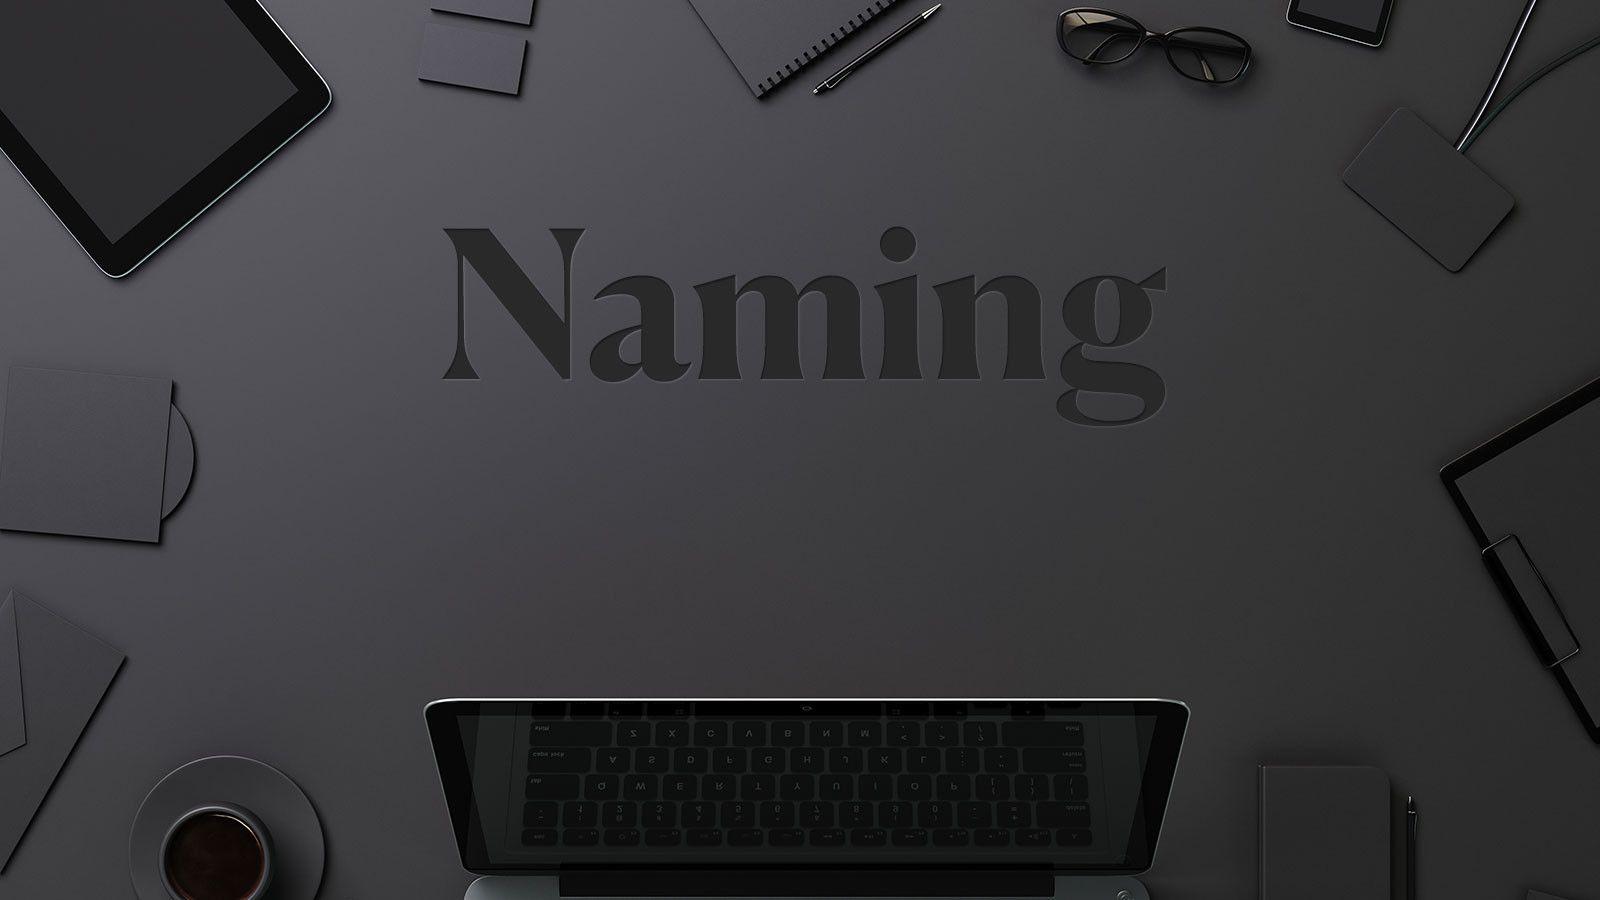 Rebranding process strategy